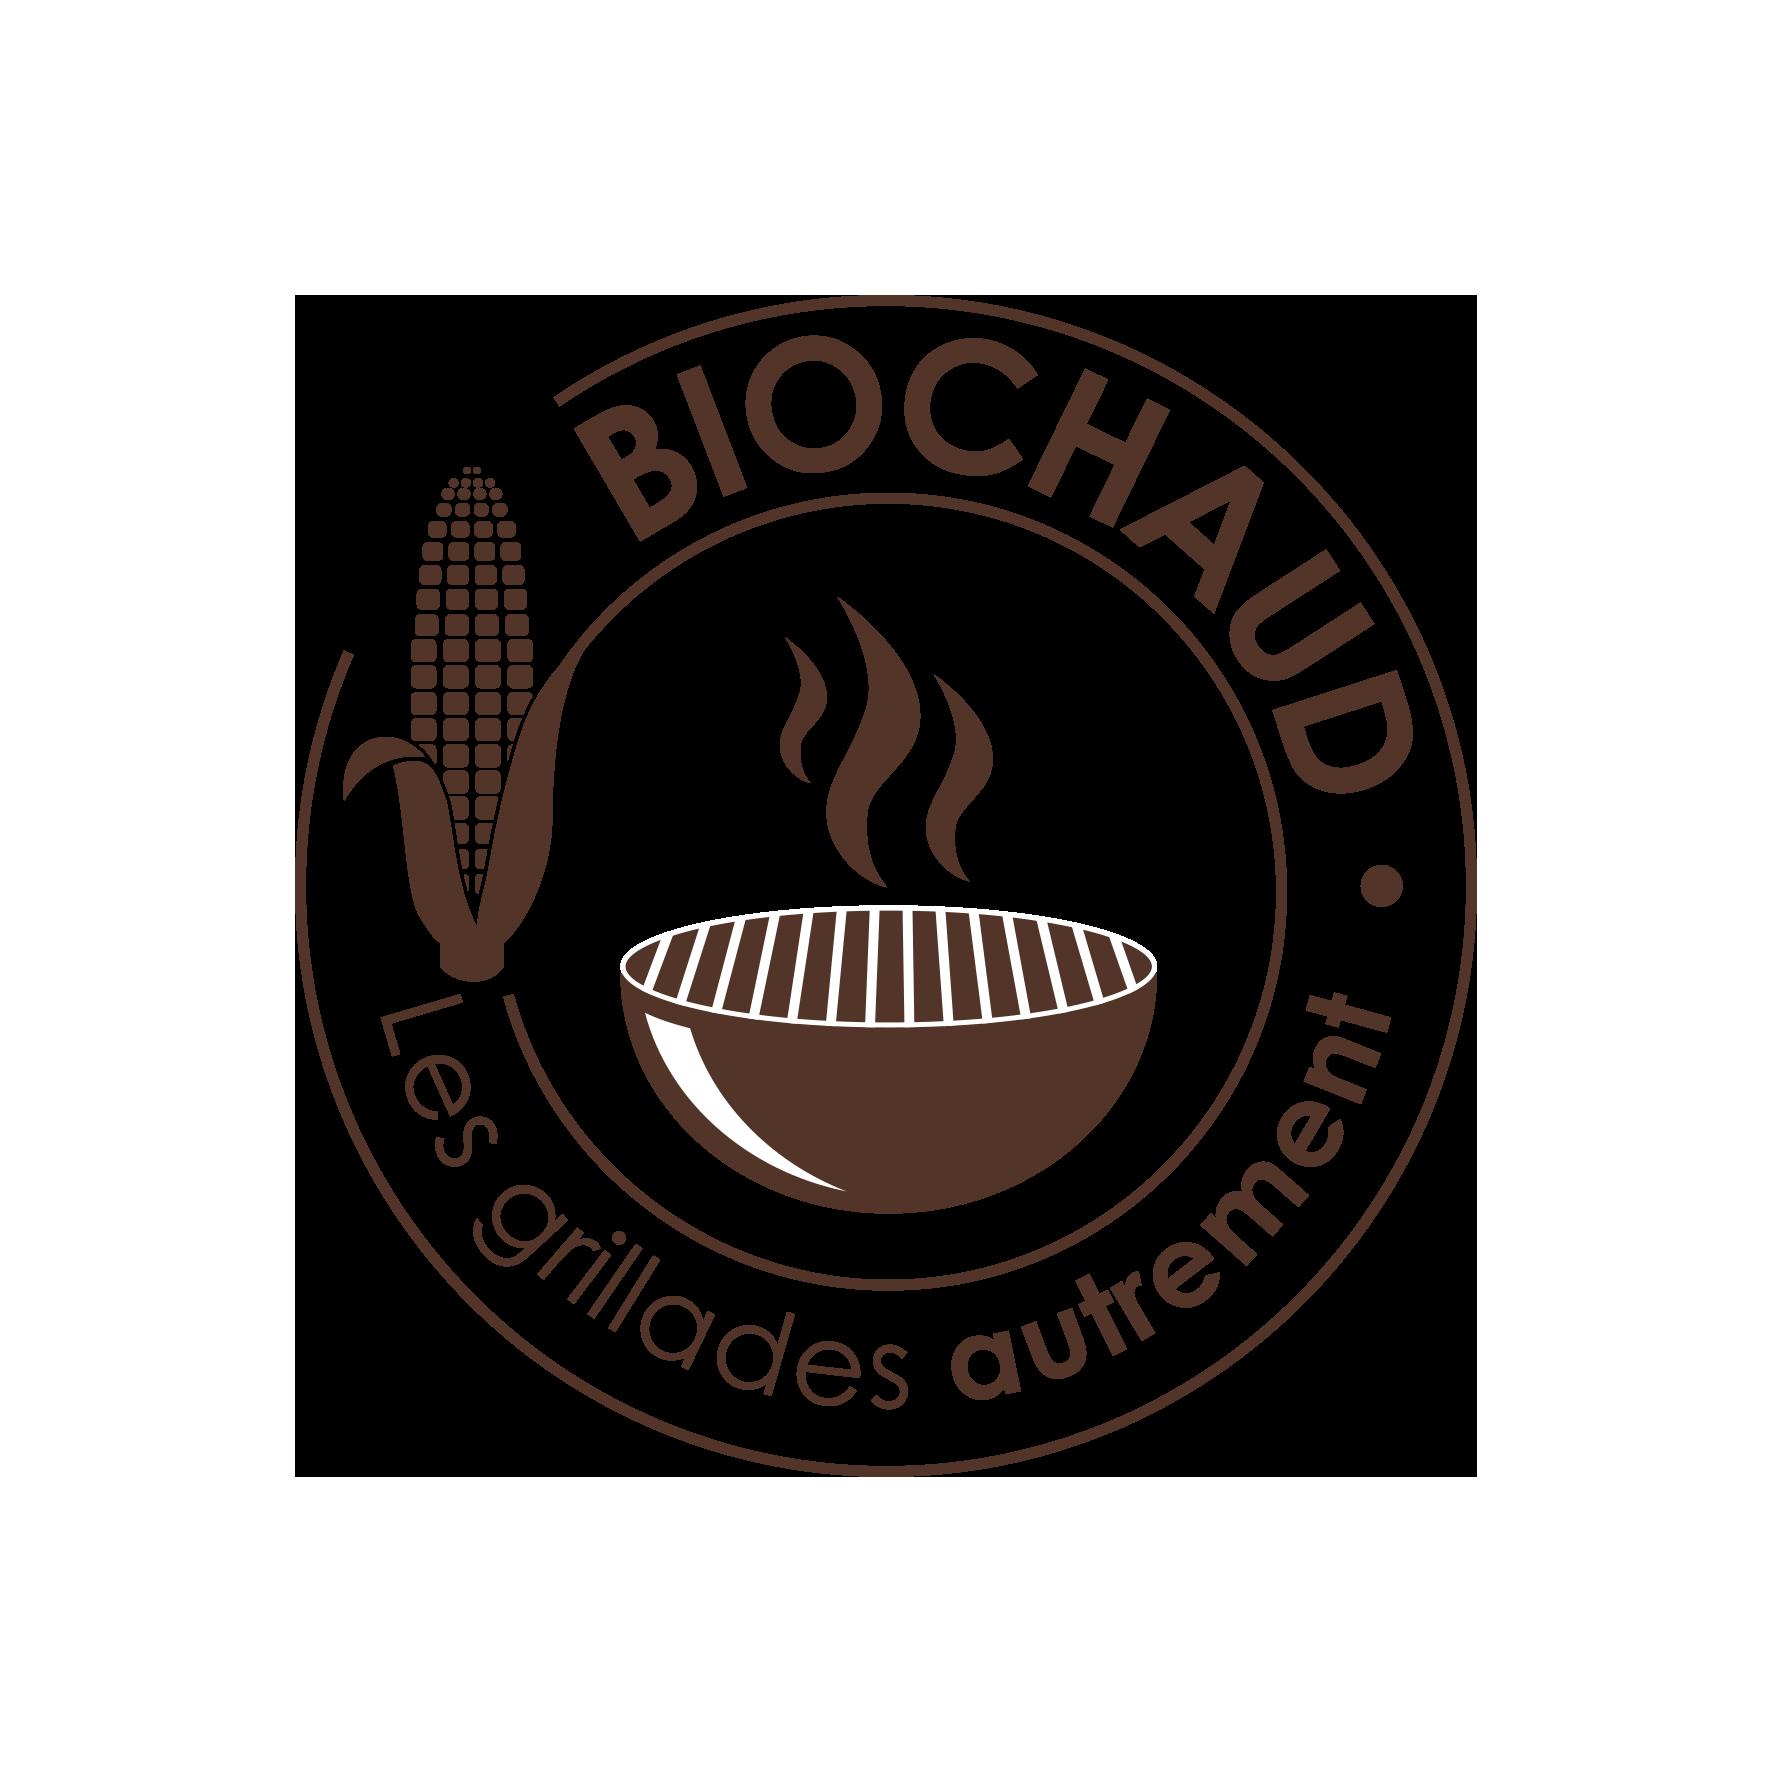 Biochaud